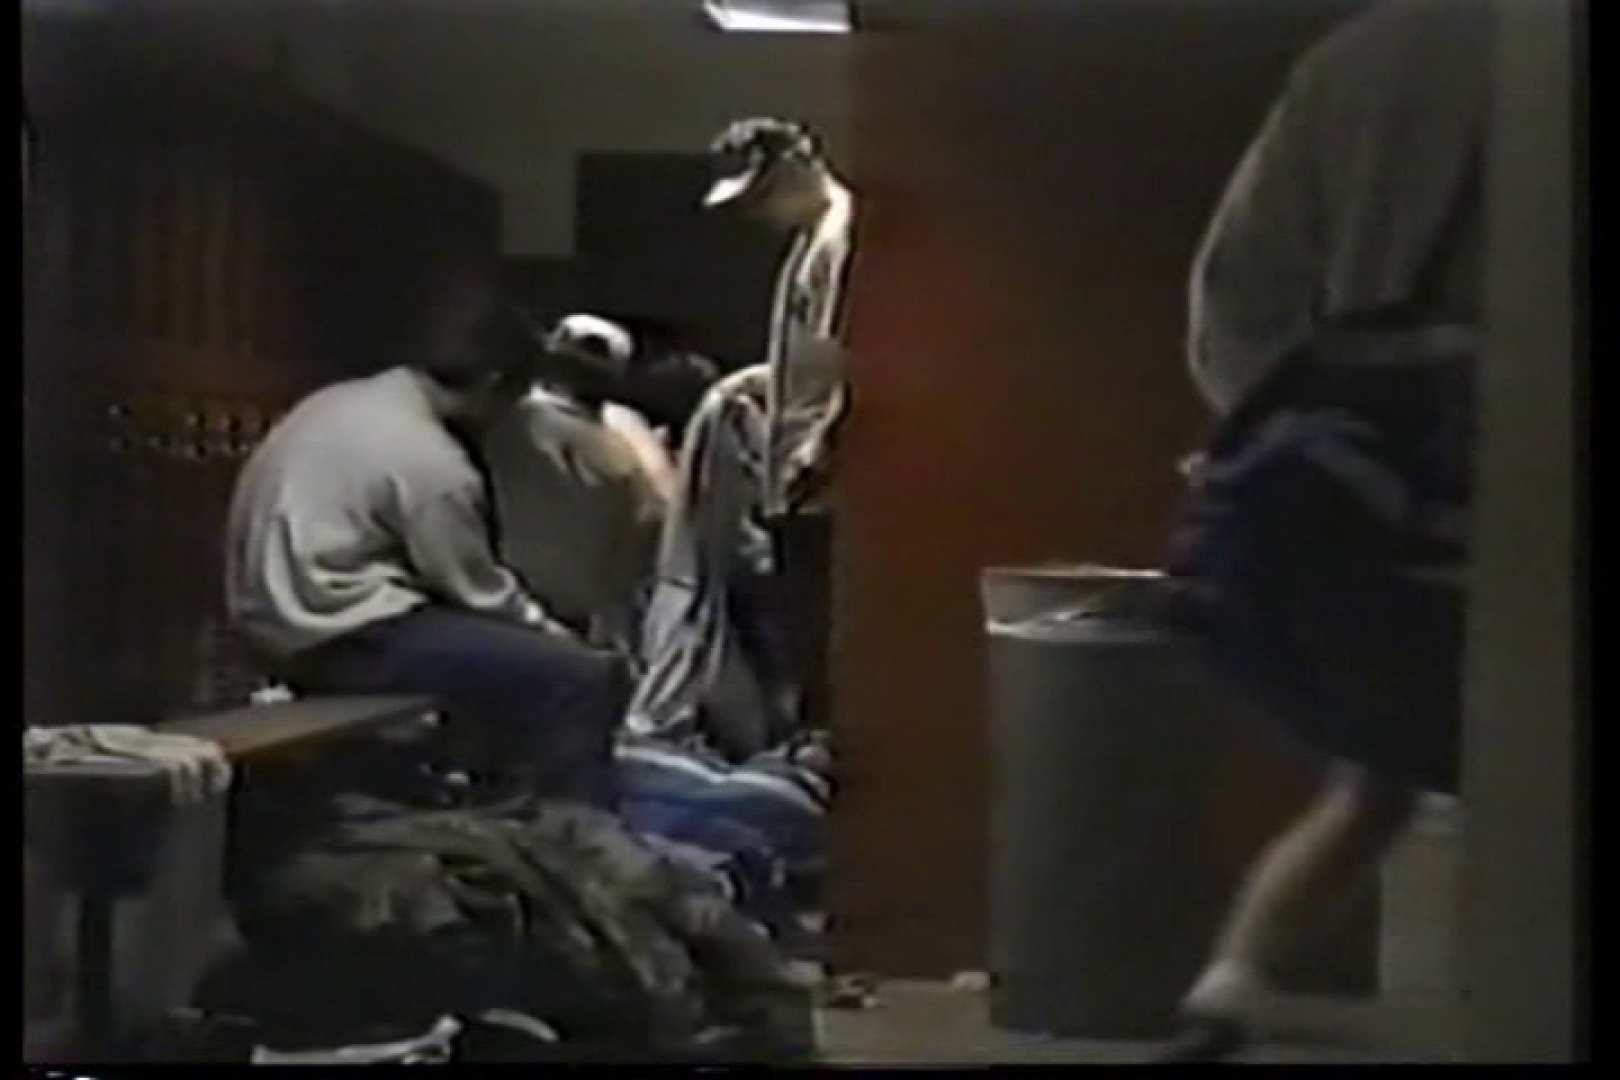 洋人さんの脱衣所を覗いてみました。VOL.3 男天国 | 0  109pic 96